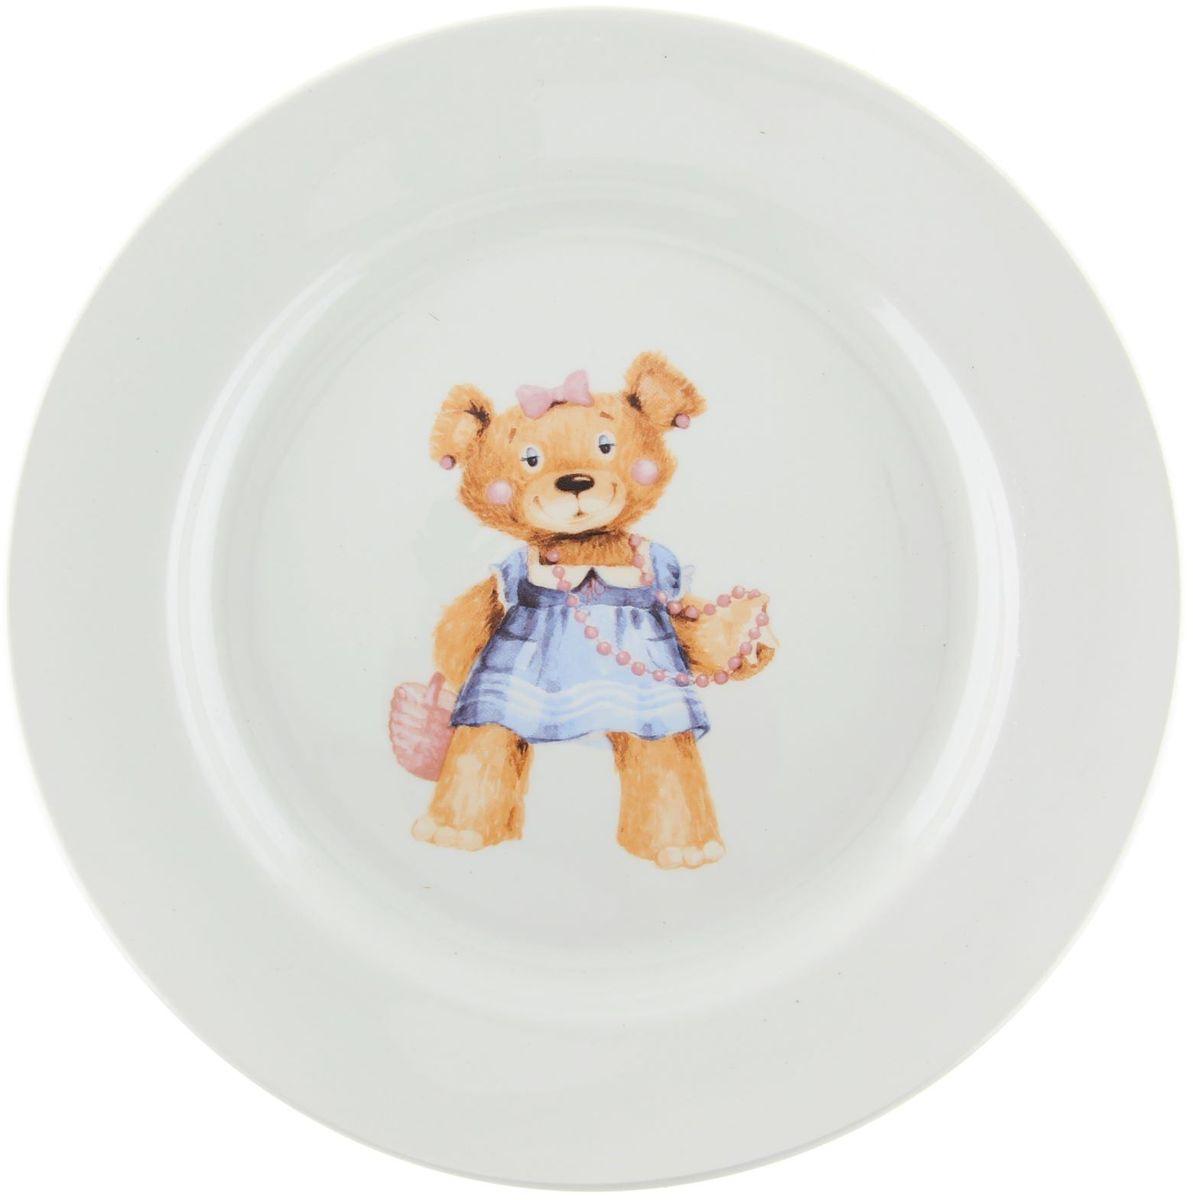 Кубаньфарфор Тарелка детская Медвежата1301358Фаянсовая детская посуда с забавным рисунком понравится каждому малышу. Изделие из качественного материала станет правильным выбором для повседневной эксплуатации и поможет превратить каждый прием пищи в радостное приключение.Особенности:- простота мойки,- стойкость к запахам,- насыщенный цвет.